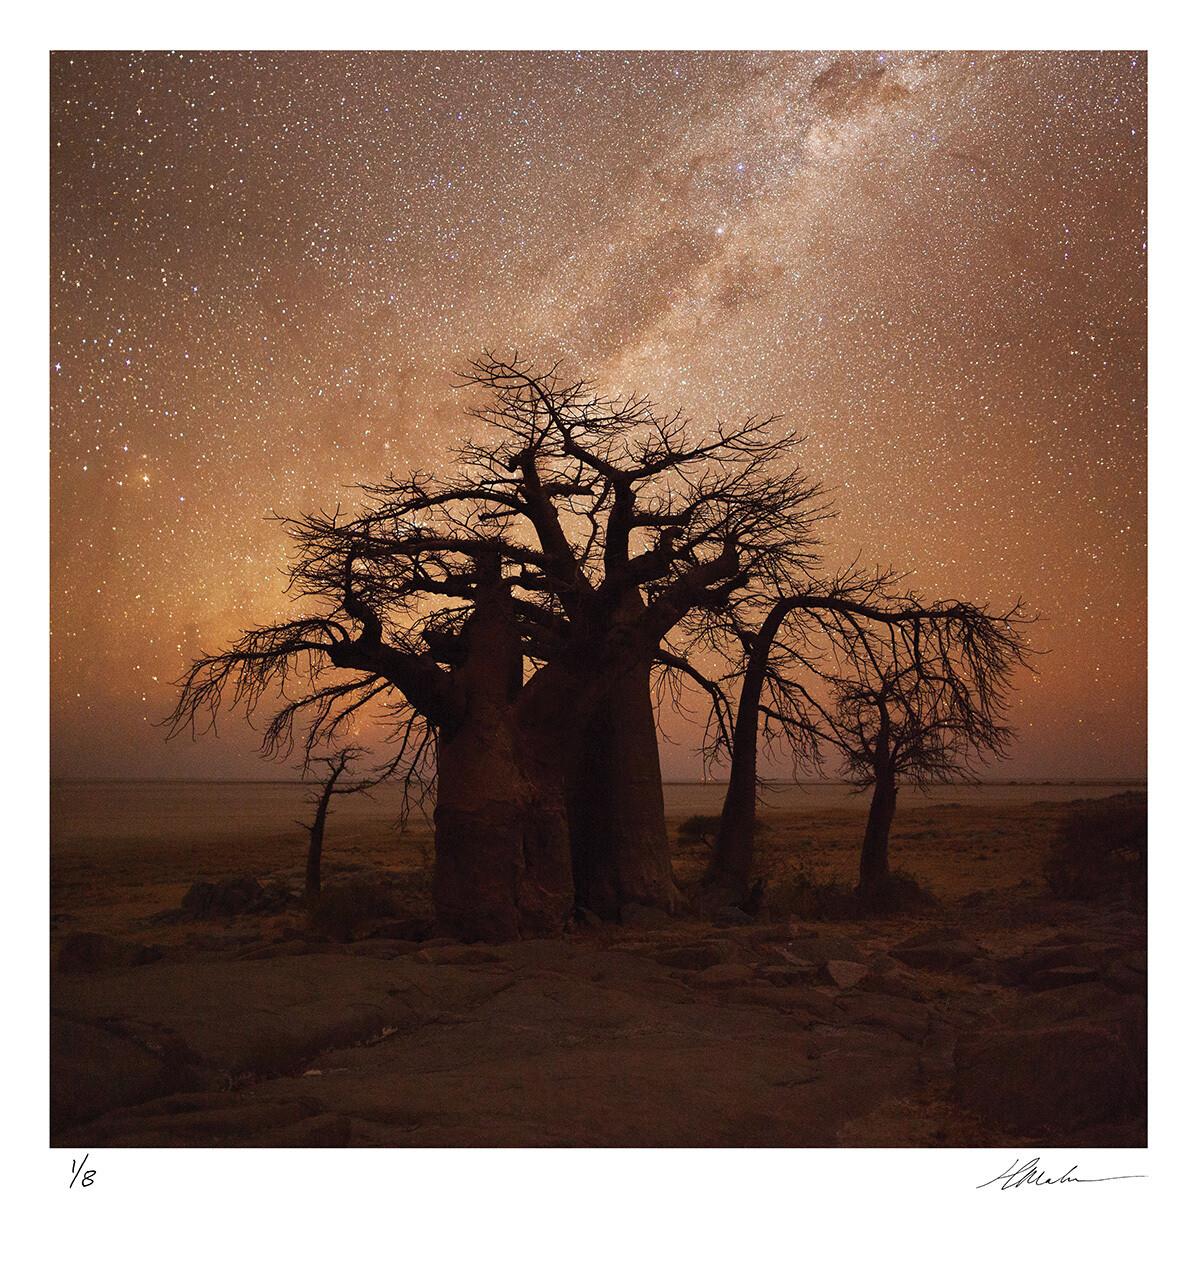 African Nights | Ed 8 | Hougaard Malan